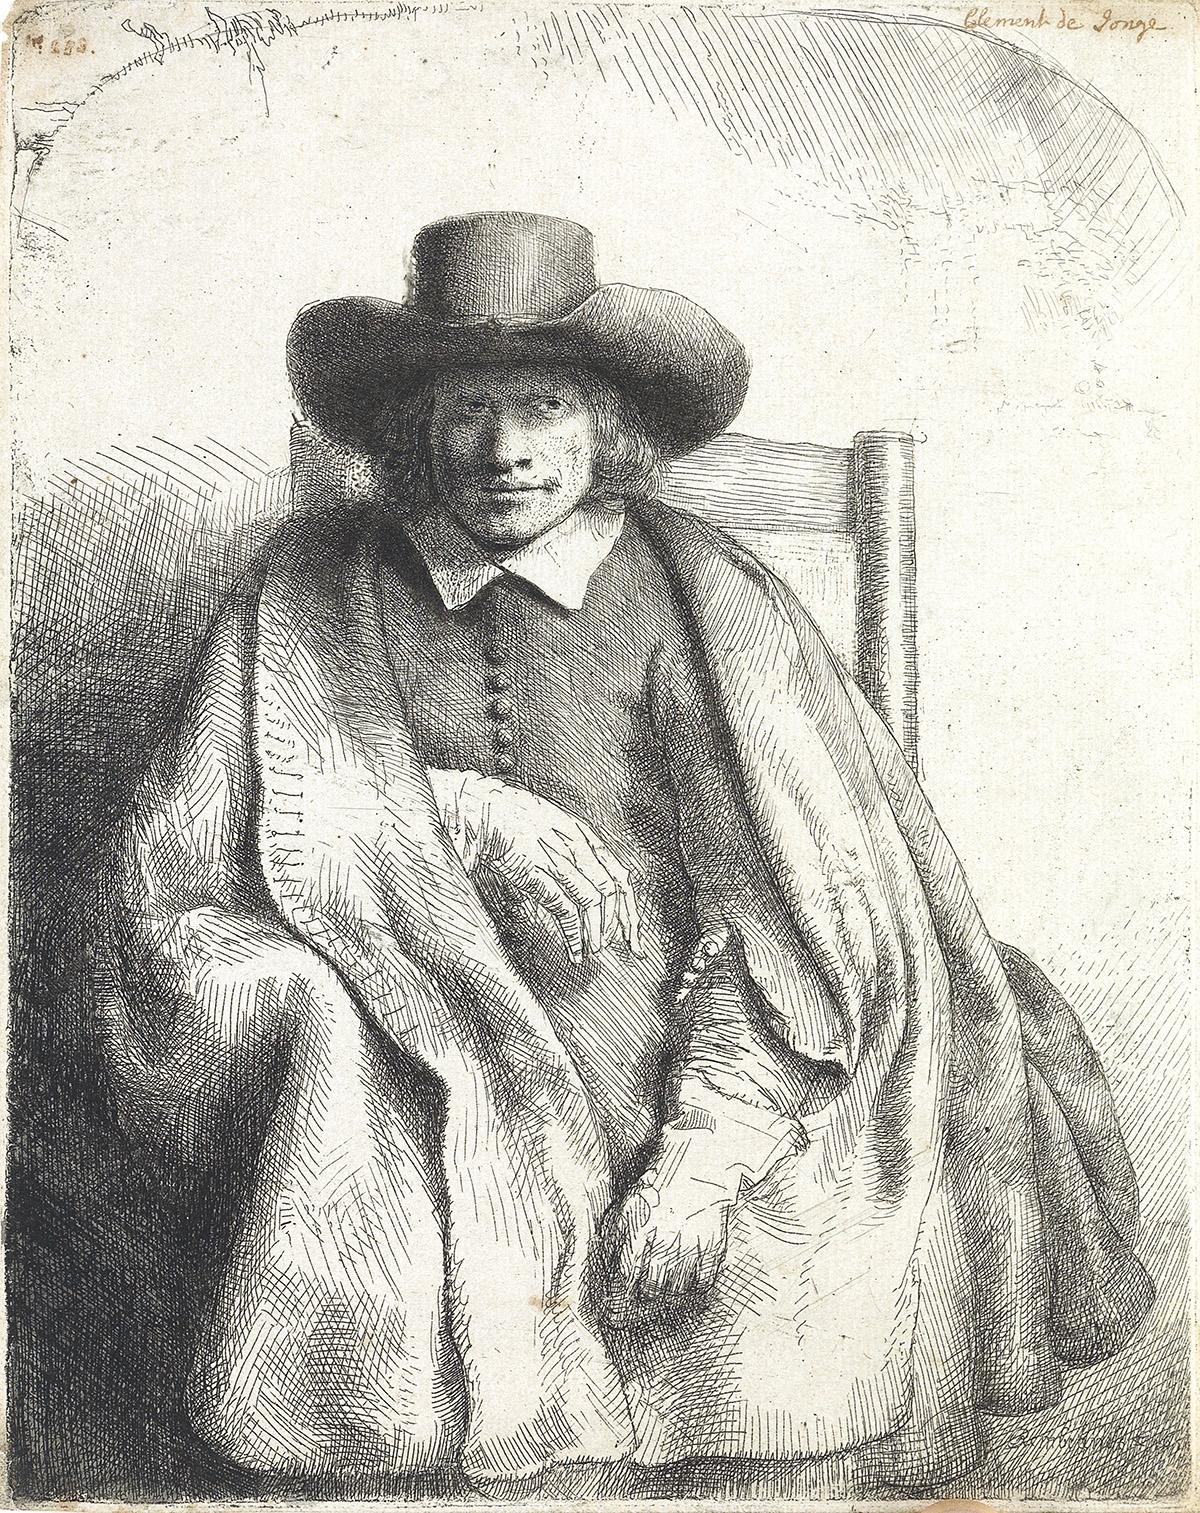 REMBRANDT-VAN-RIJN-Clement-de-Jonghe-Printseller